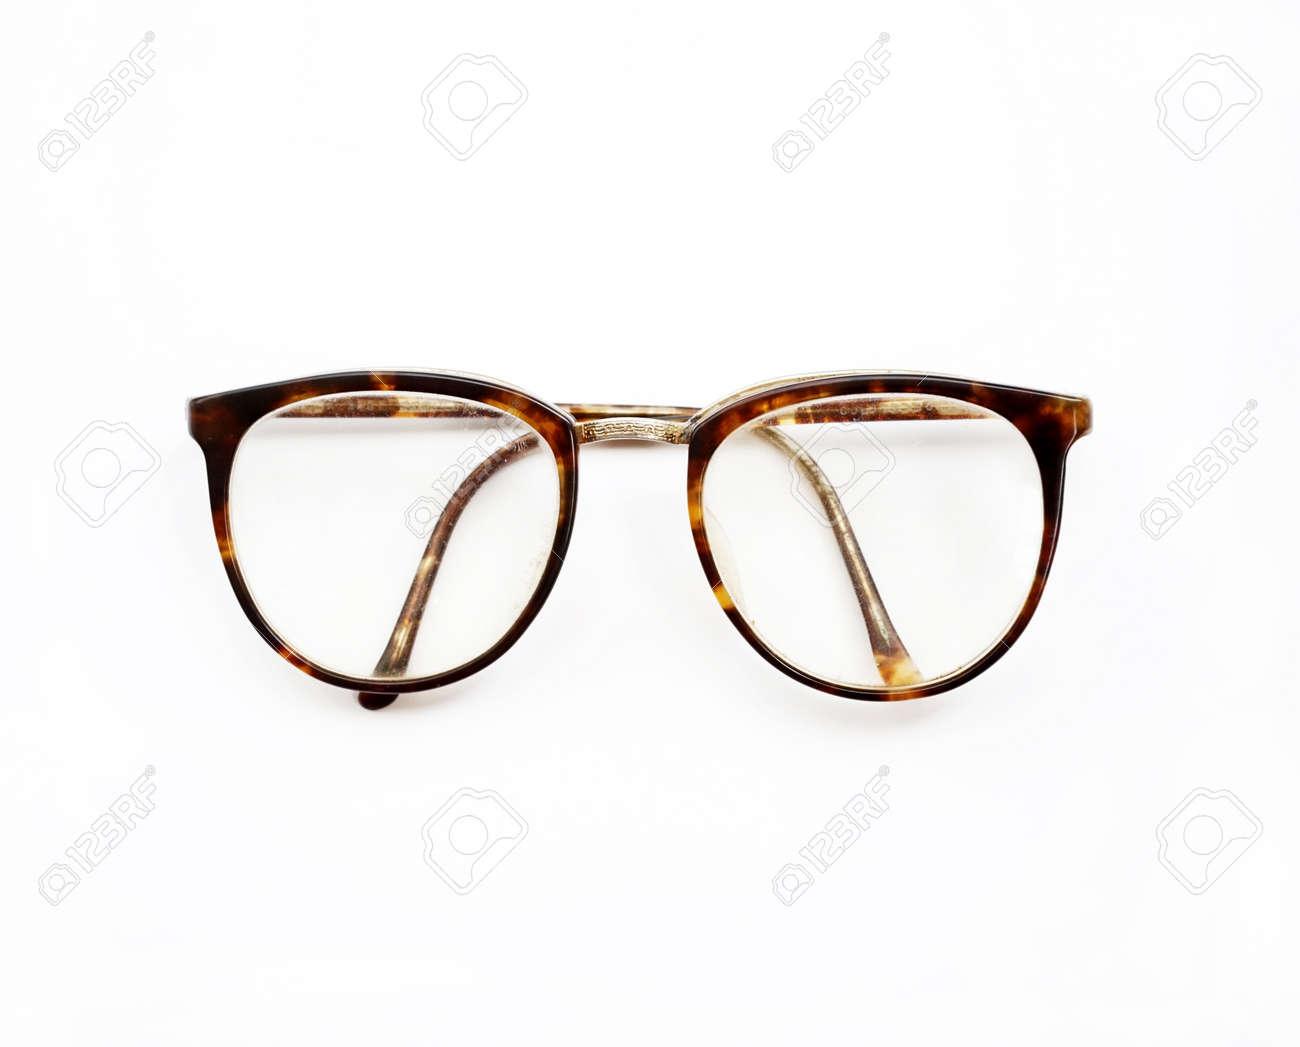 Foto de archivo , gafas vintage aislados en un blanco